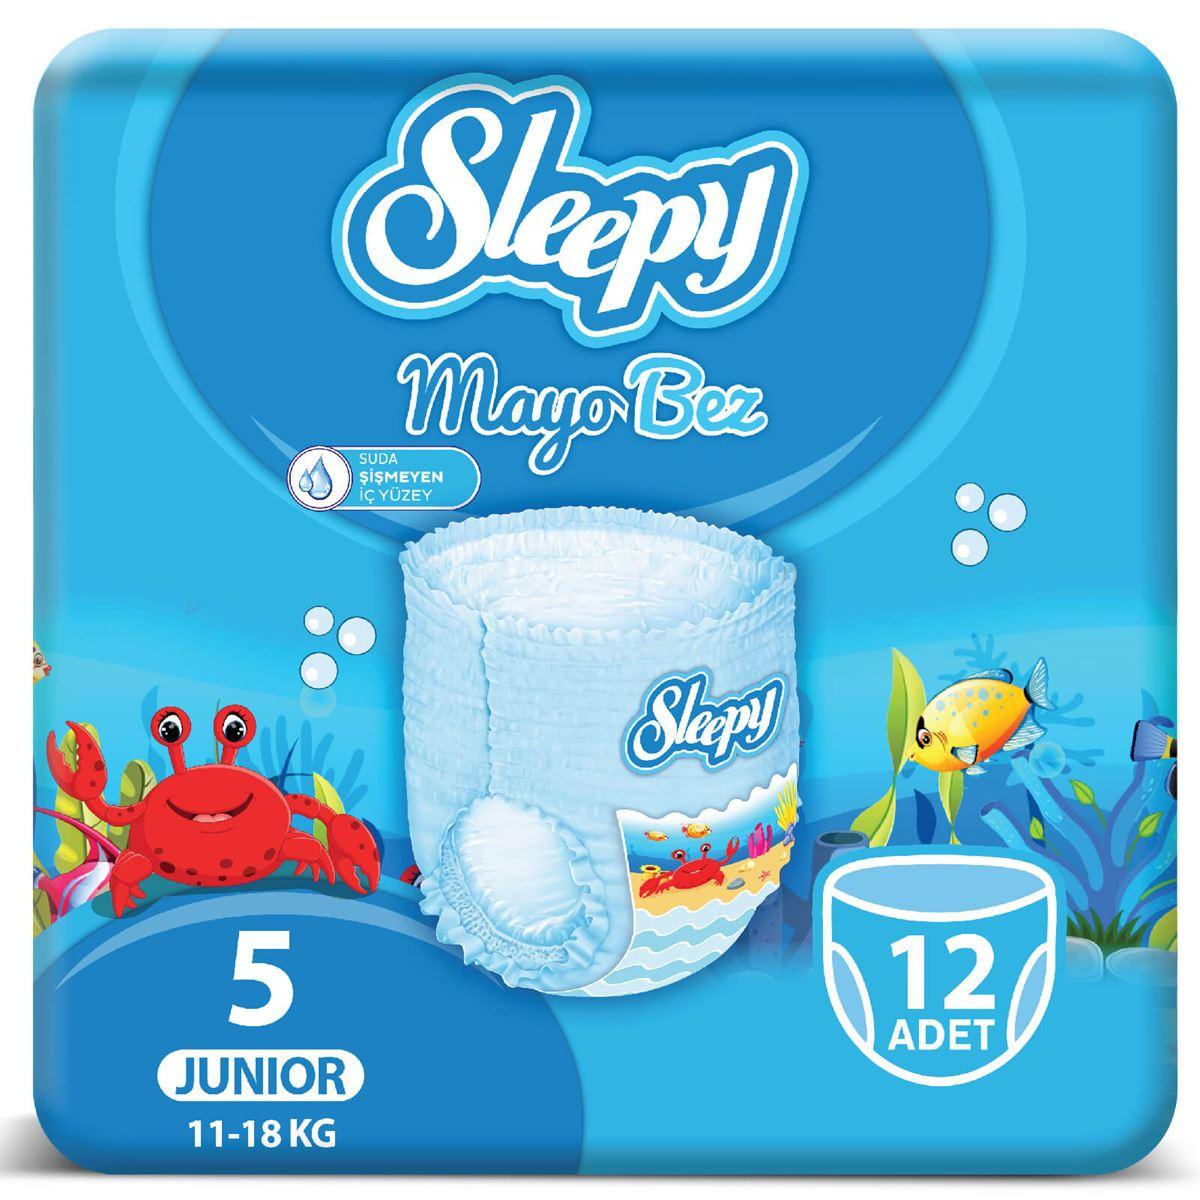 Sleepy Mayo KÜLOT Bez 5 Numara Junior 12 Adet